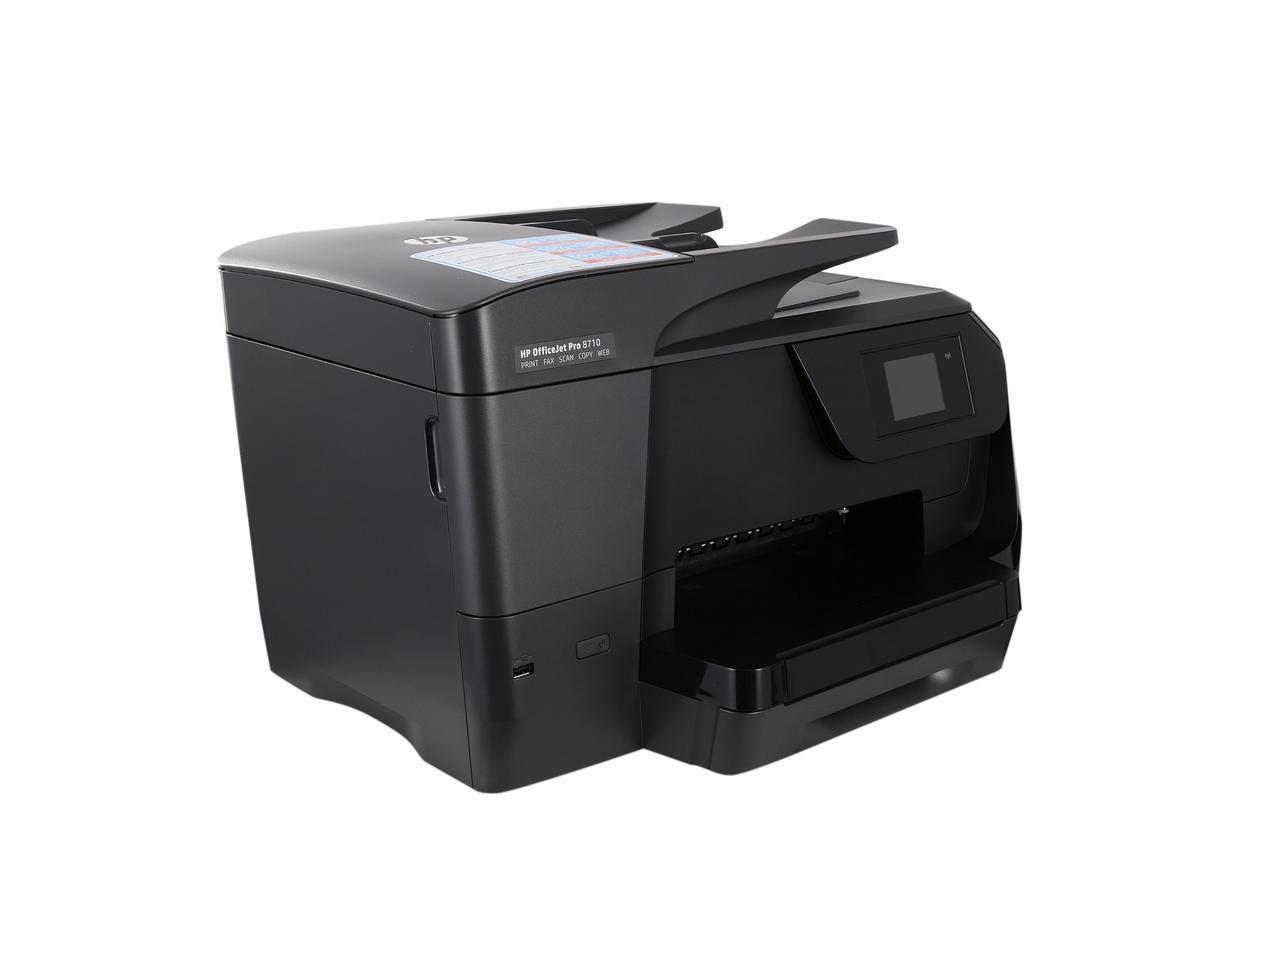 hp officejet pro 8710 manual